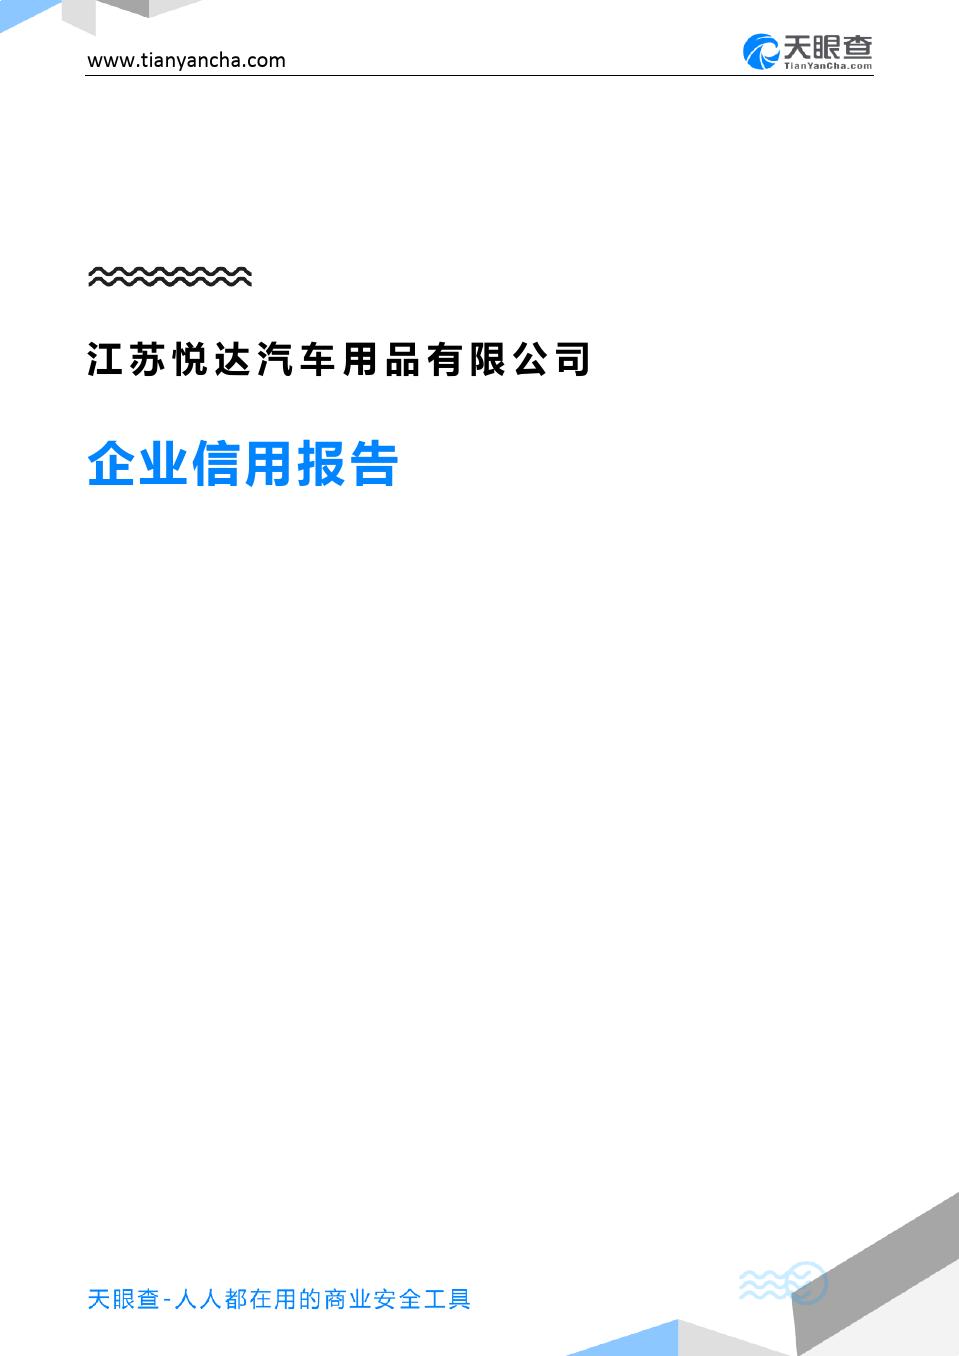 江苏悦达汽车用品有限公司(企业信用报告)- 天眼查